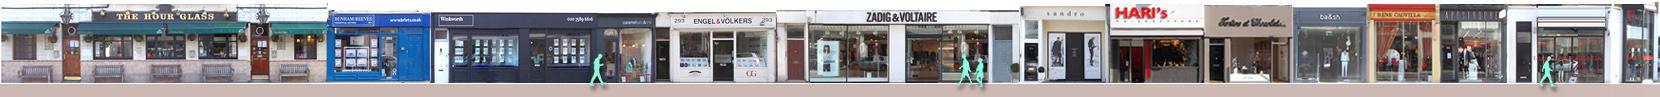 Shops at Brompton Cross